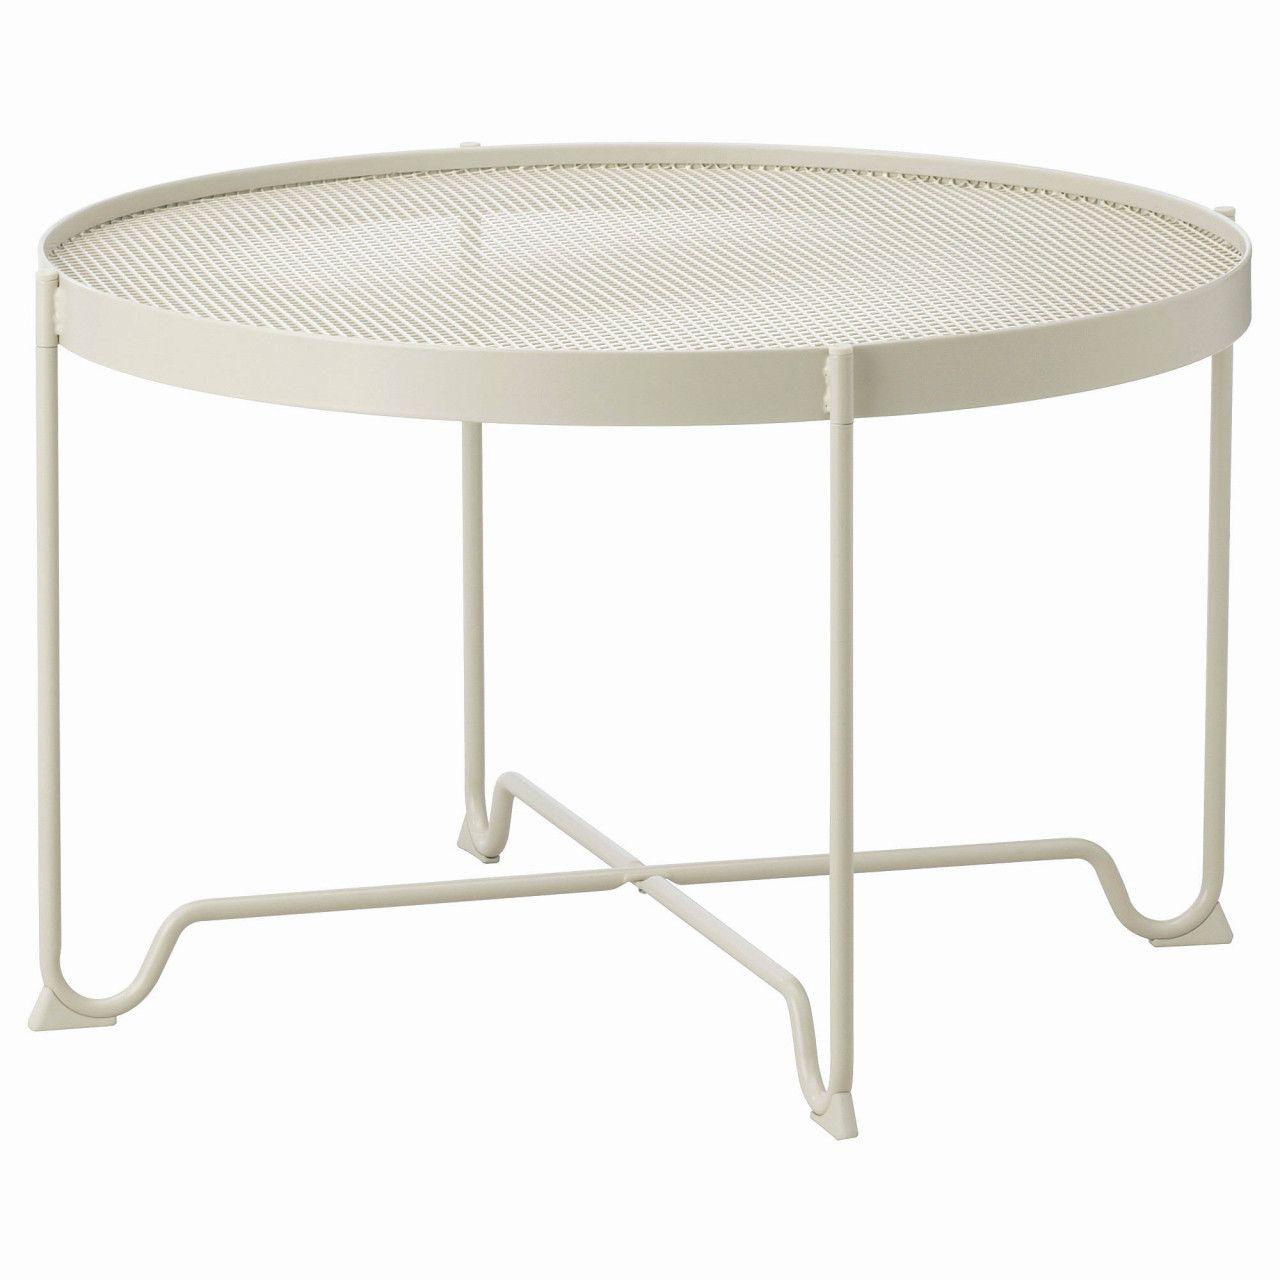 28 Unique Hammered Aluminium Coffee Table 2017 Iron Coffee Table Coffee Table Pictures Coffee Table White [ 1280 x 1280 Pixel ]